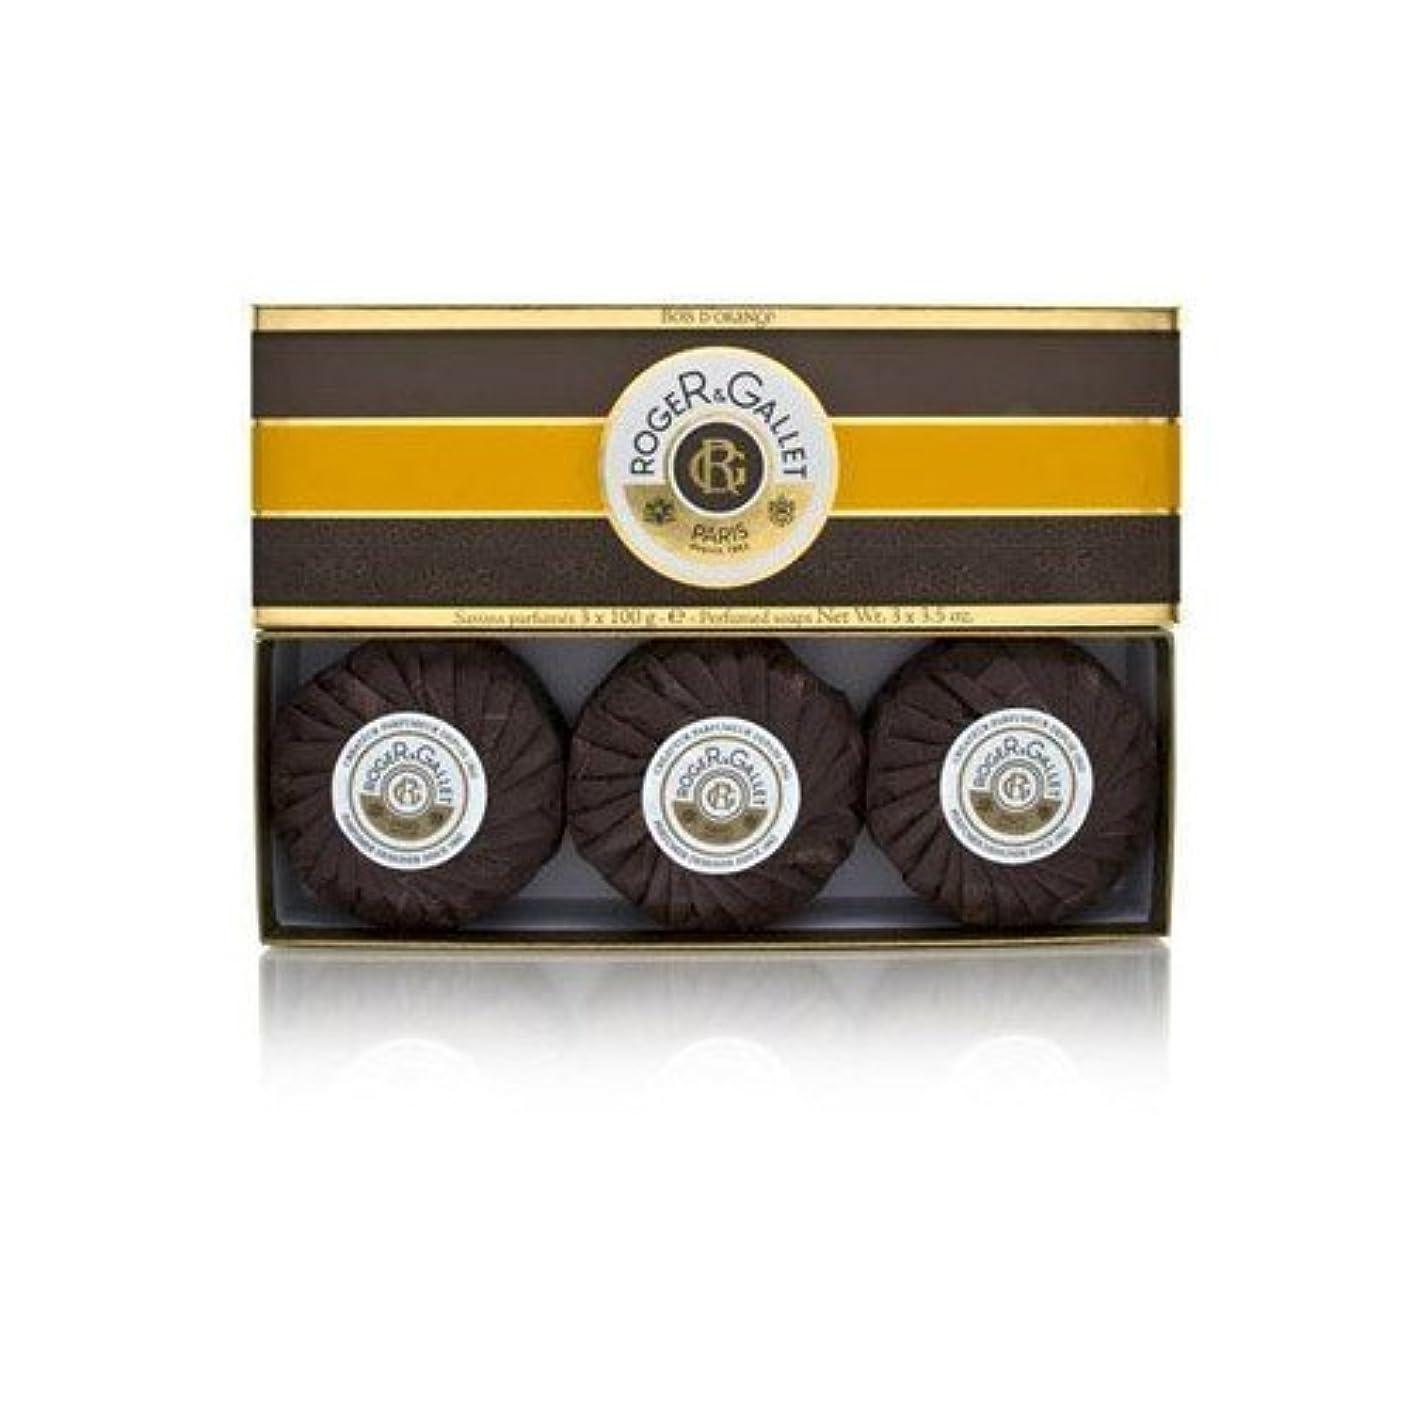 アンタゴニスト常習者二十ロジェガレ ボワ ドランジュ (オレンジツリー) 香水石鹸3個セット ROGER&GALLET BOIS D'ORANGE PERFUMED SOAP [0161]